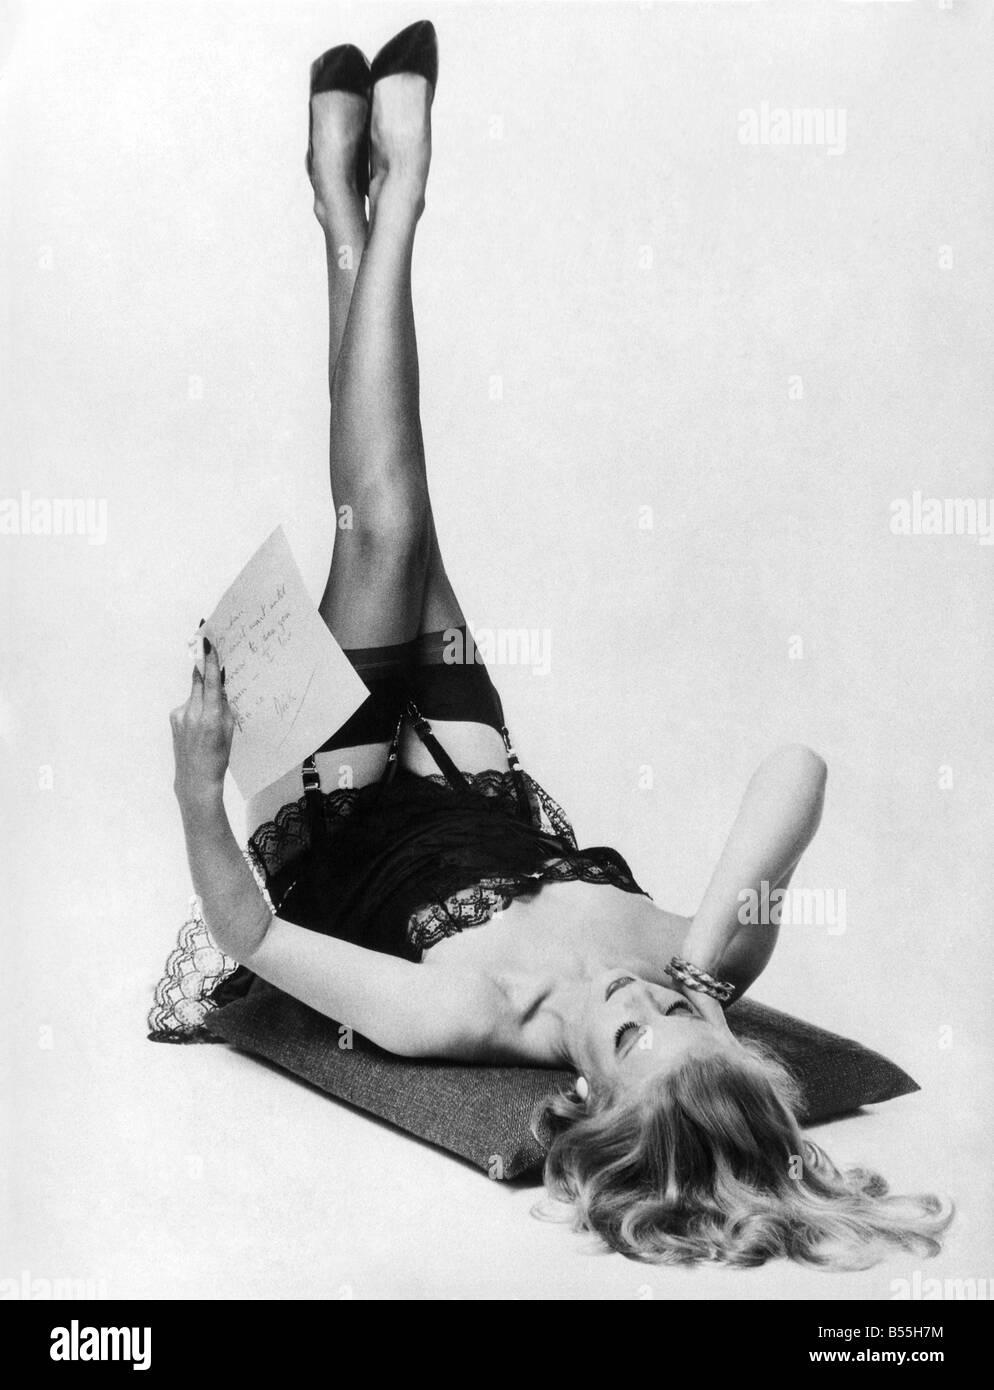 Vintage stocking models